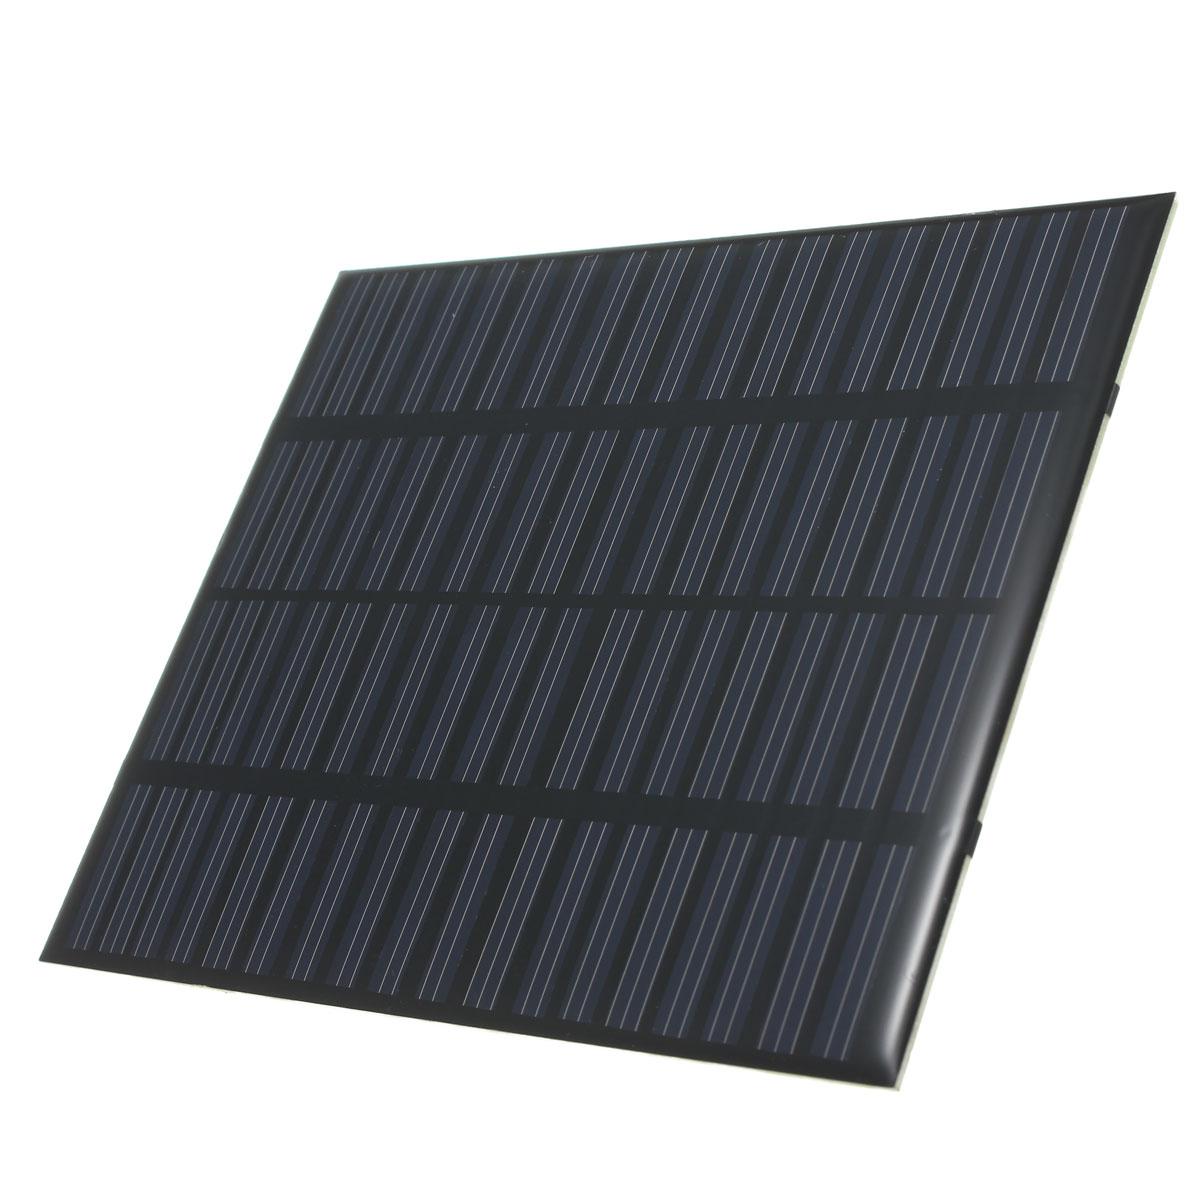 Pannello Solare Per Caricare Batteria Auto : V ma w solare pannello fotovoltaico per auto